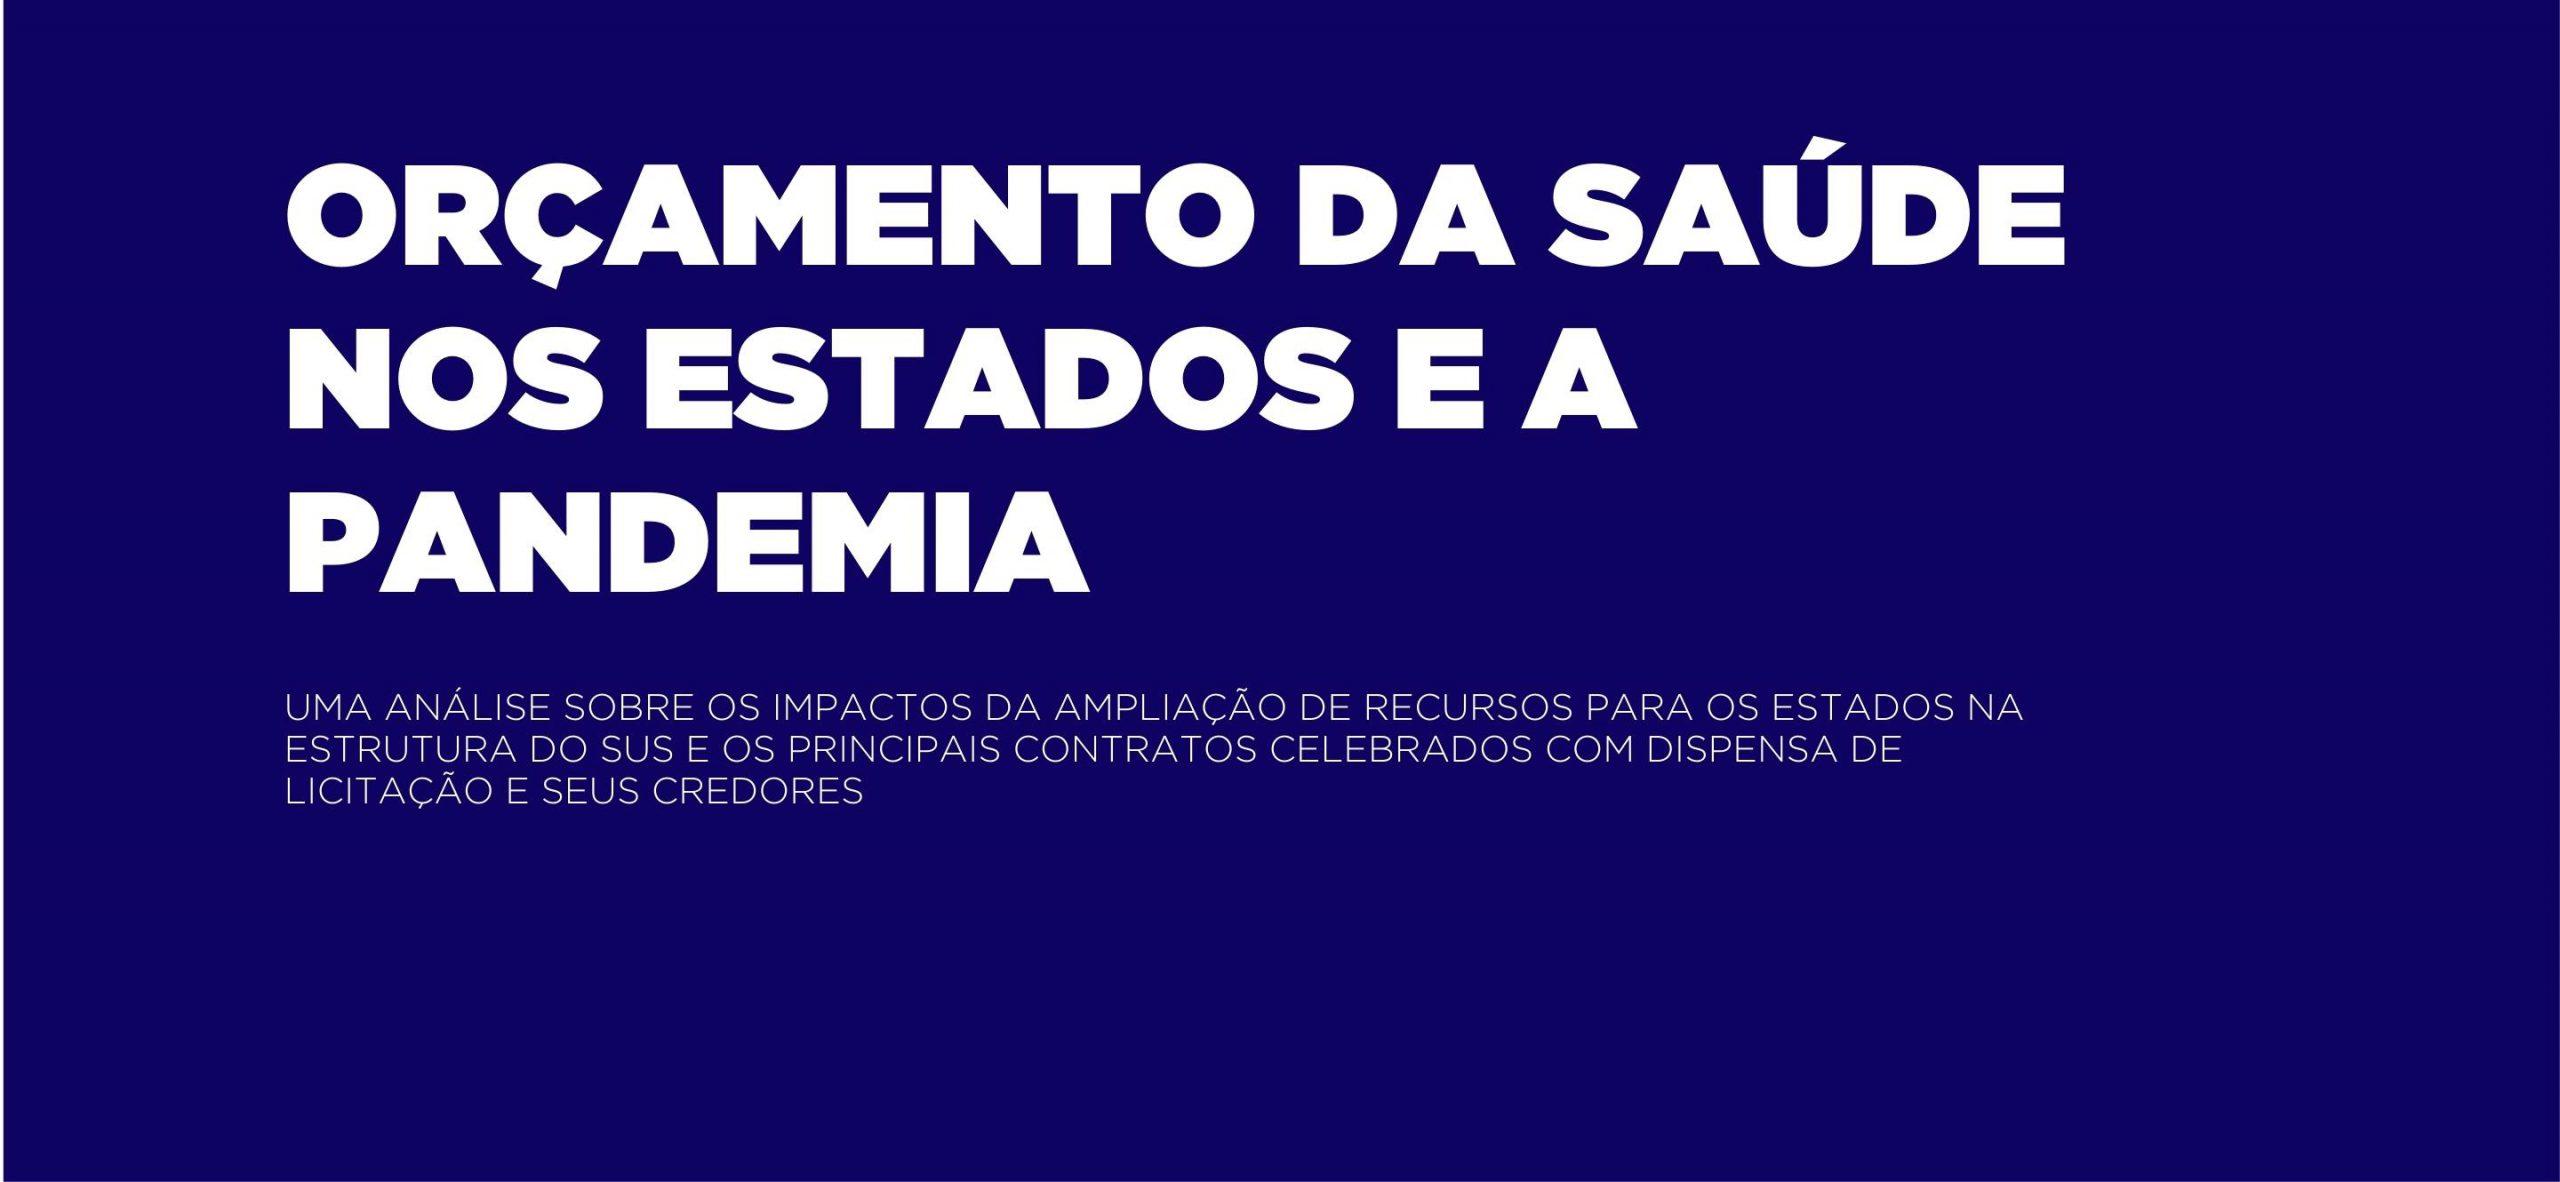 ORÇAMENTO DA SAÚDE NOS ESTADOS EM 2020 E A PANDEMIA